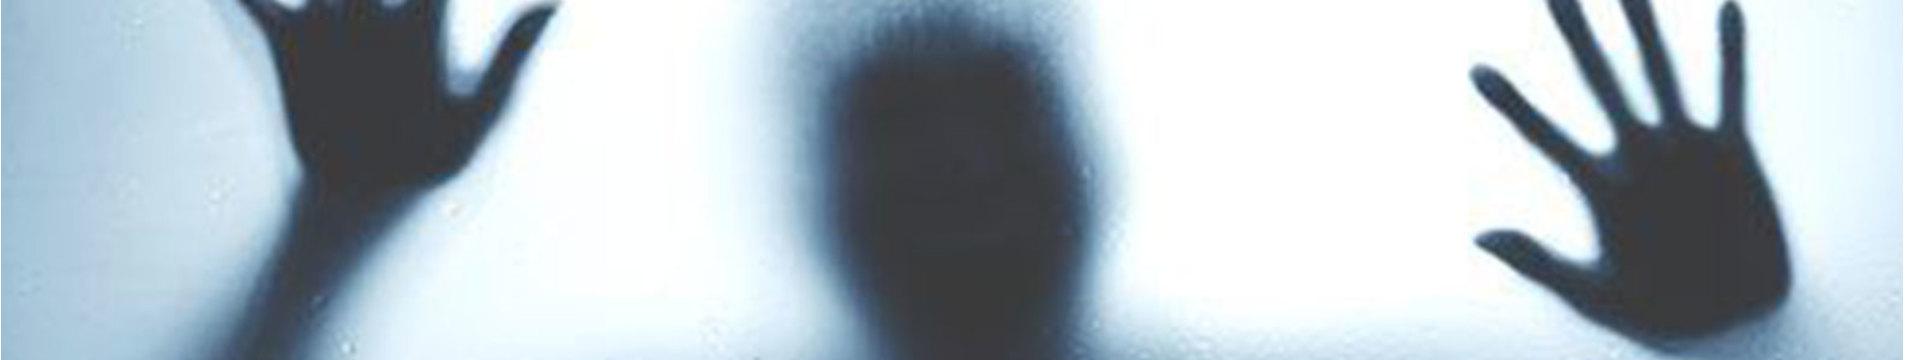 bristol-horror-escape-room-header.jpg